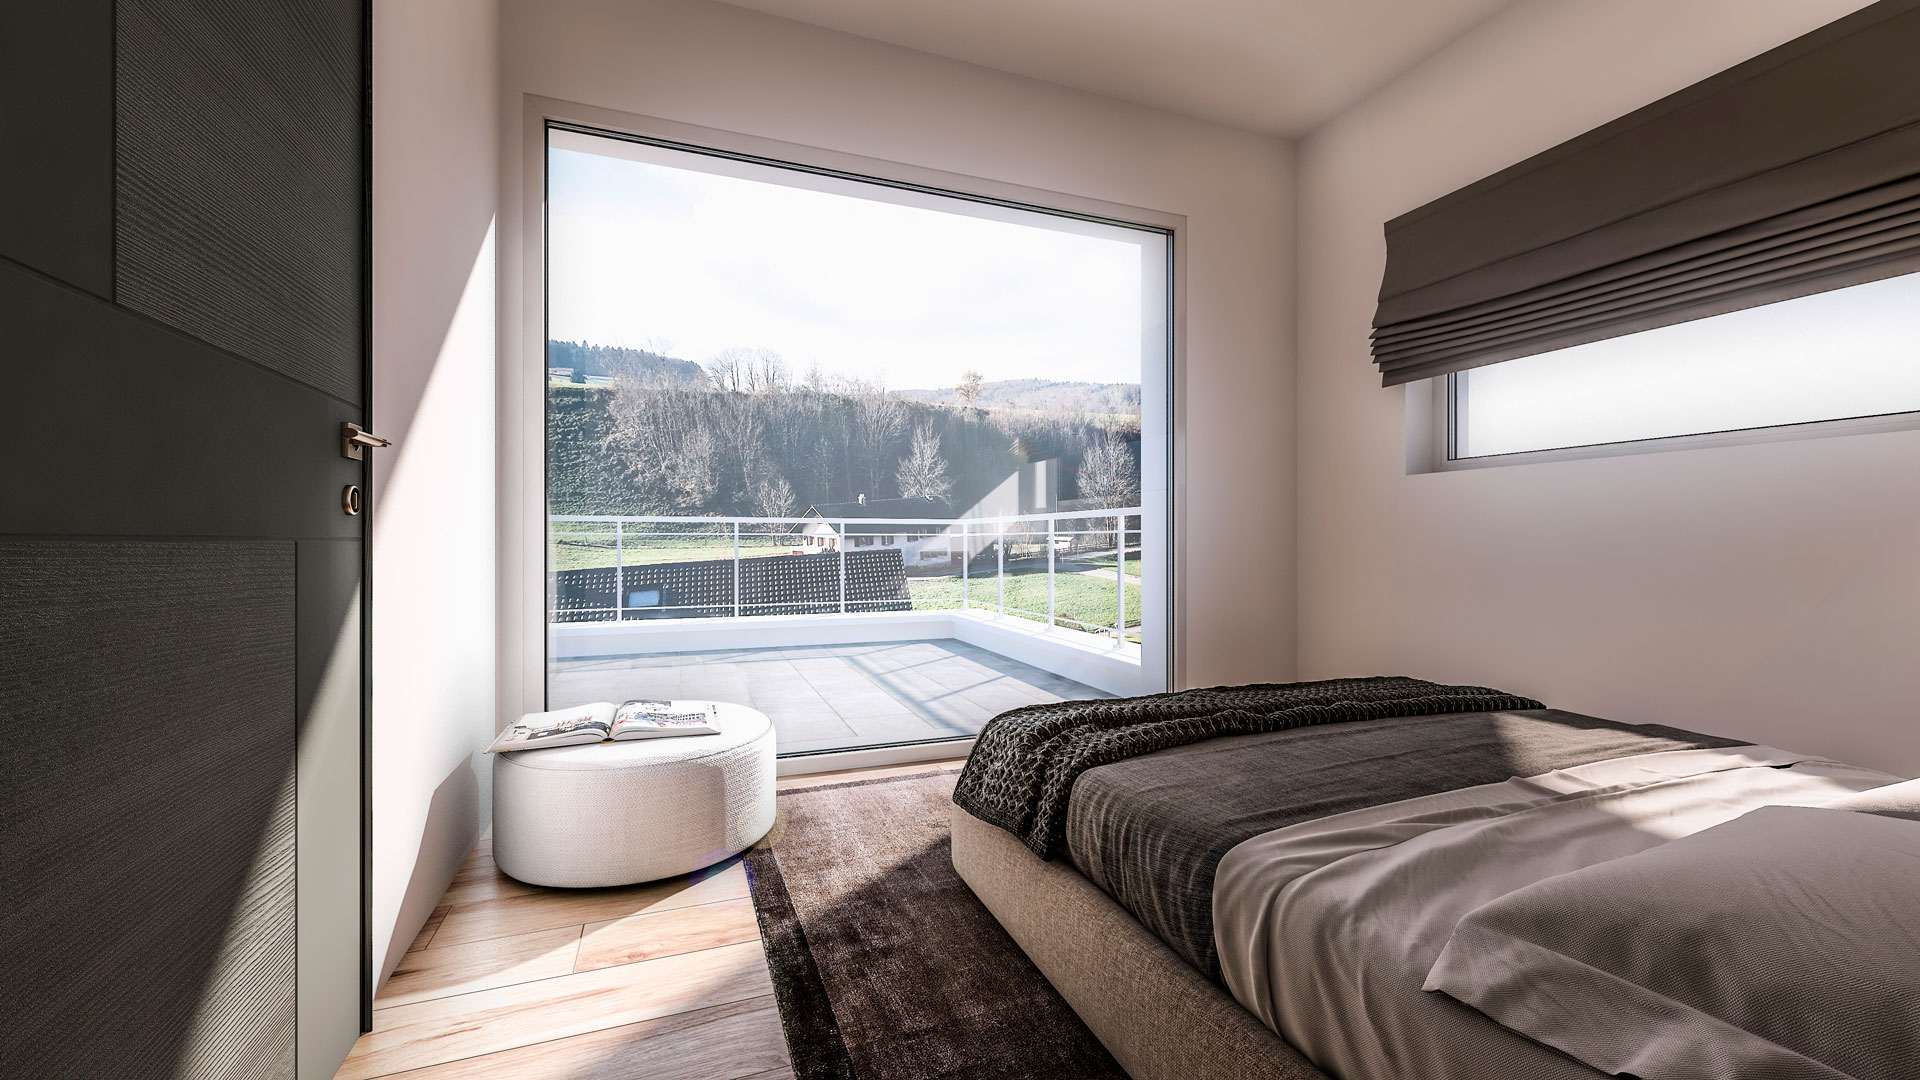 C3 Concept, visualisation 3D architecture à Bulle. Le Mouret intérieur